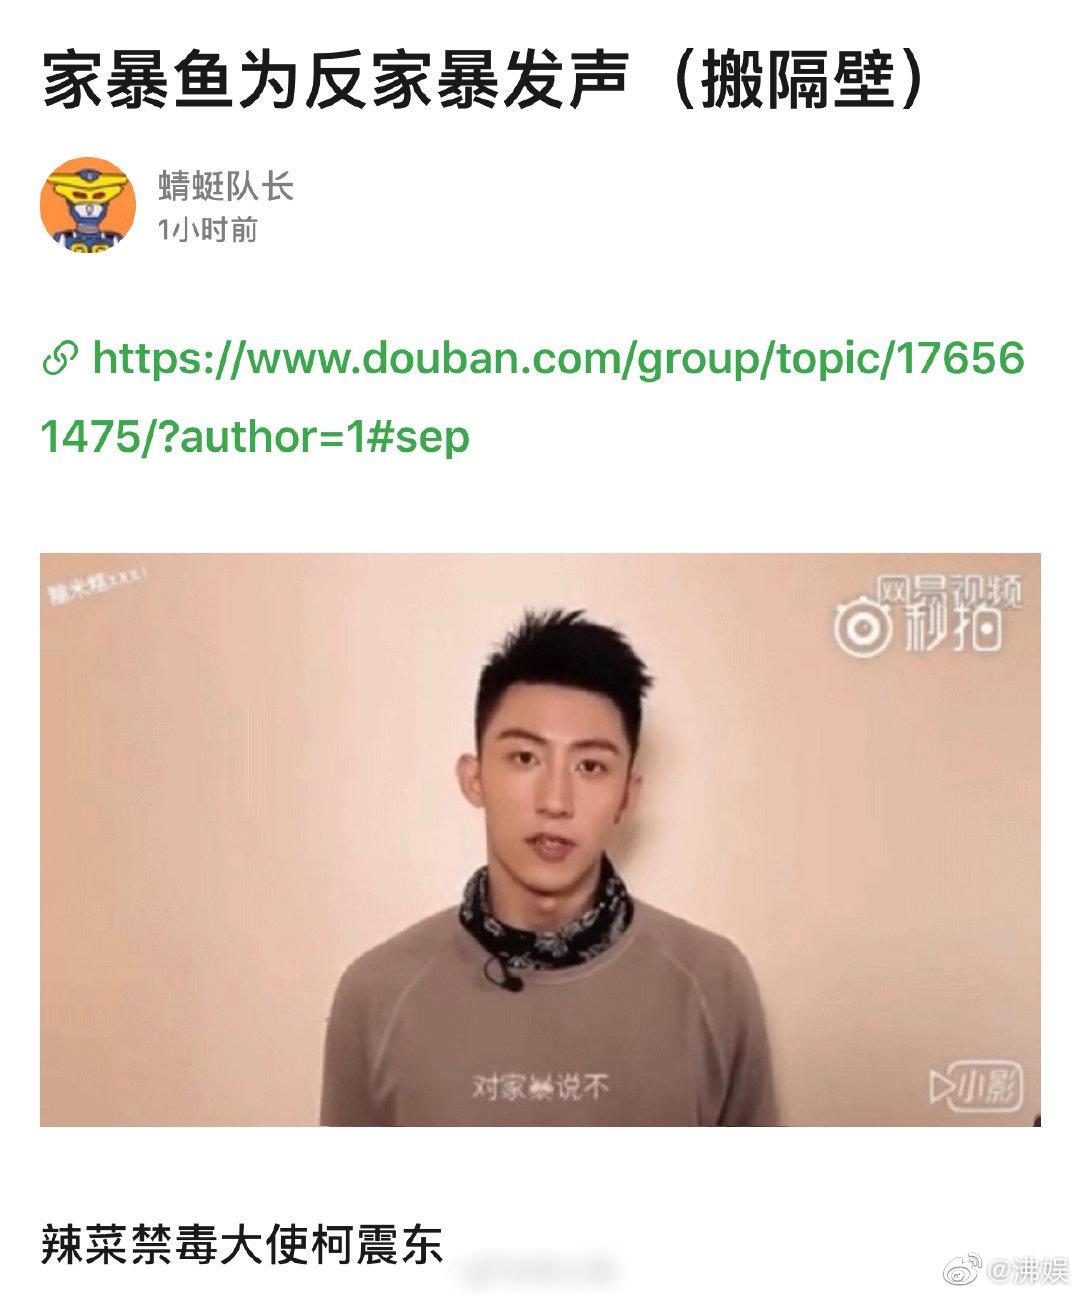 黄景瑜曾经为家暴发声网友:就像是禁毒大使柯震东